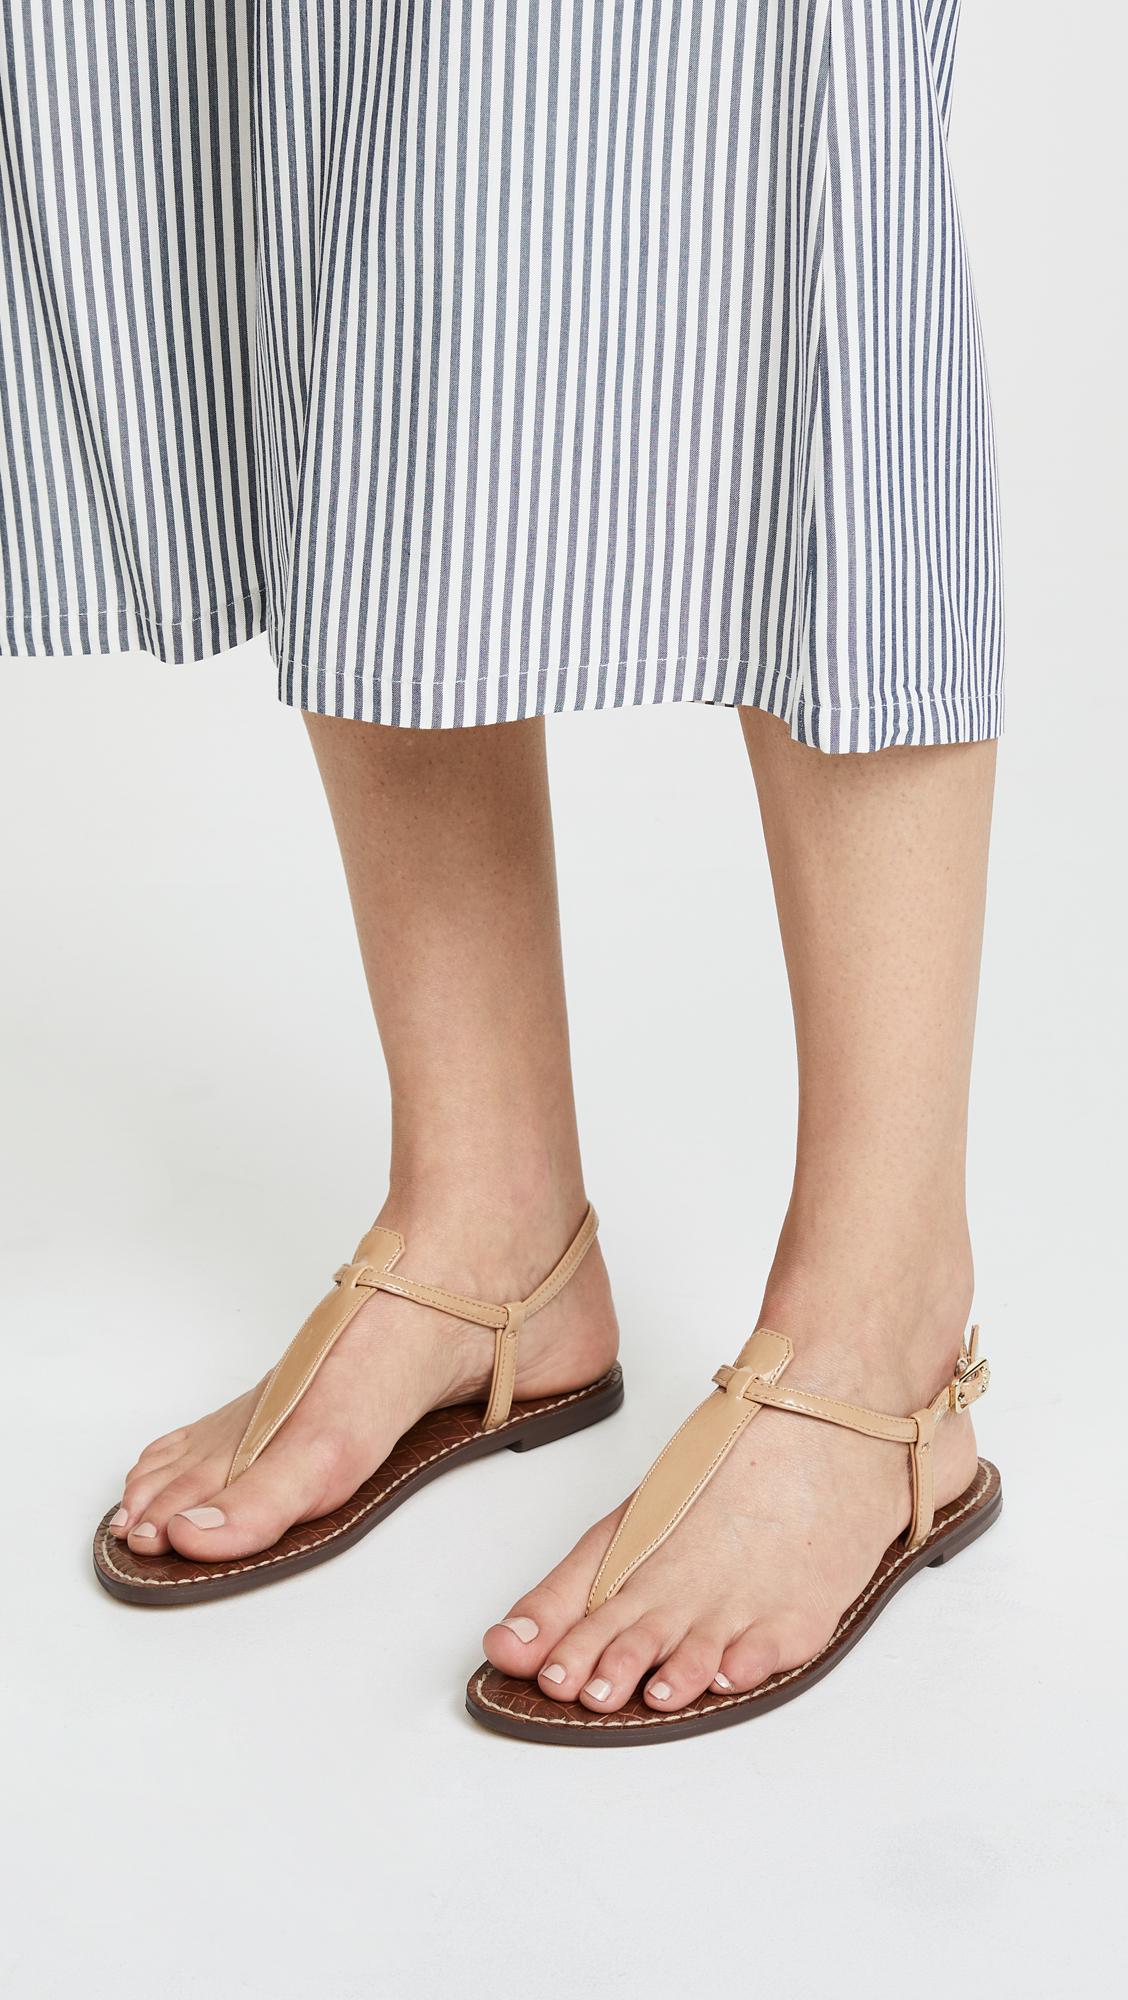 422d7f2835e6 Sam Edelman Gigi Patent T Strap Sandals